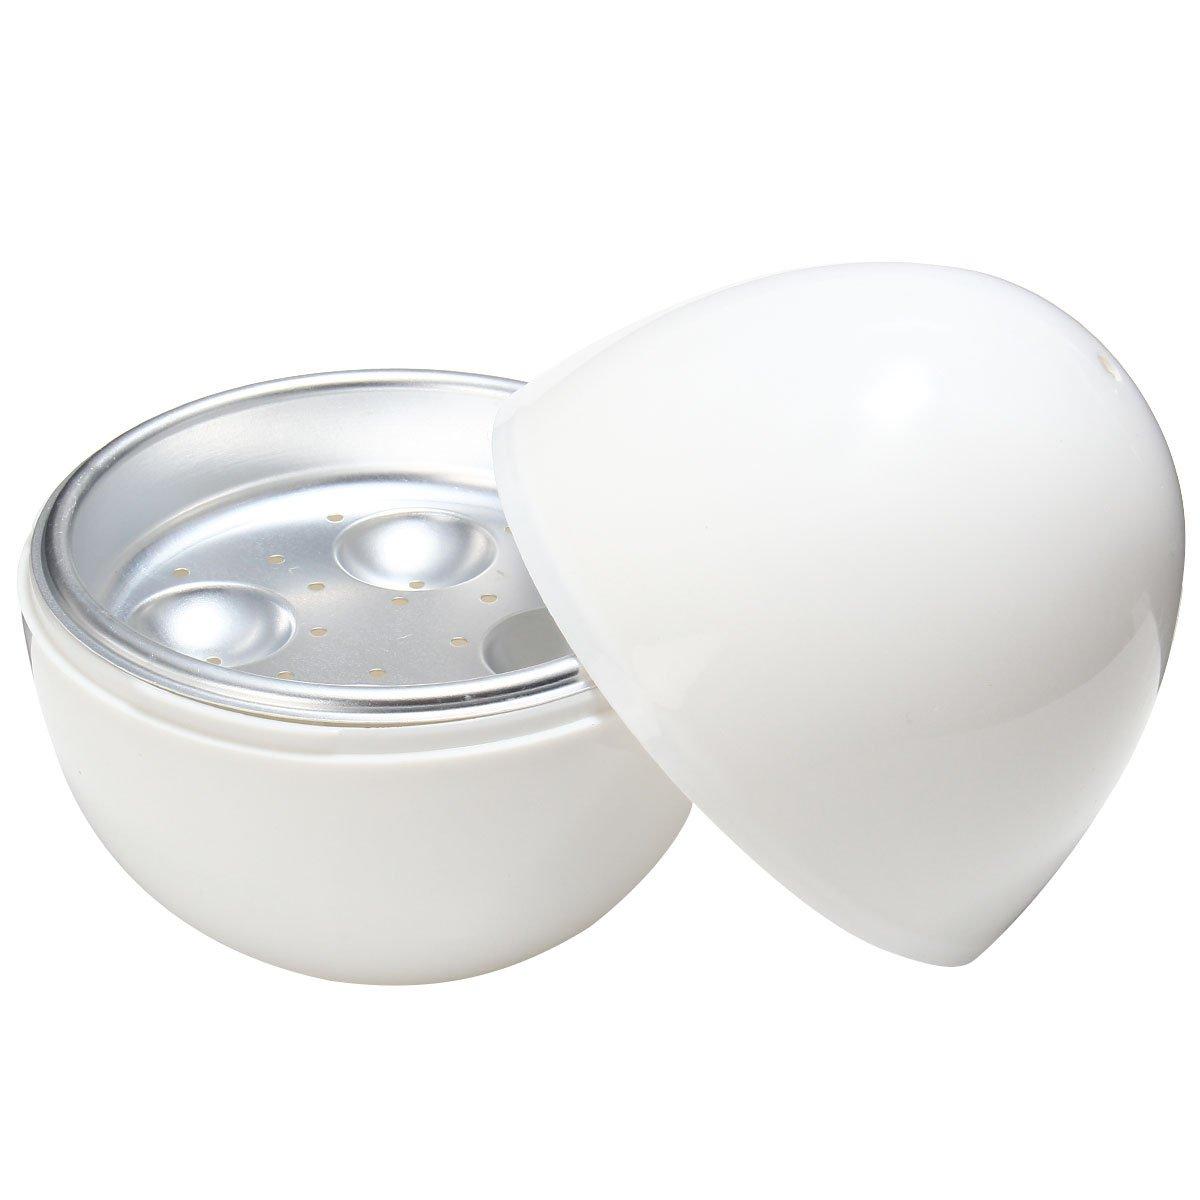 Fornello di uovo OUNONA cuociuova microonde con 4 posti in Bianco